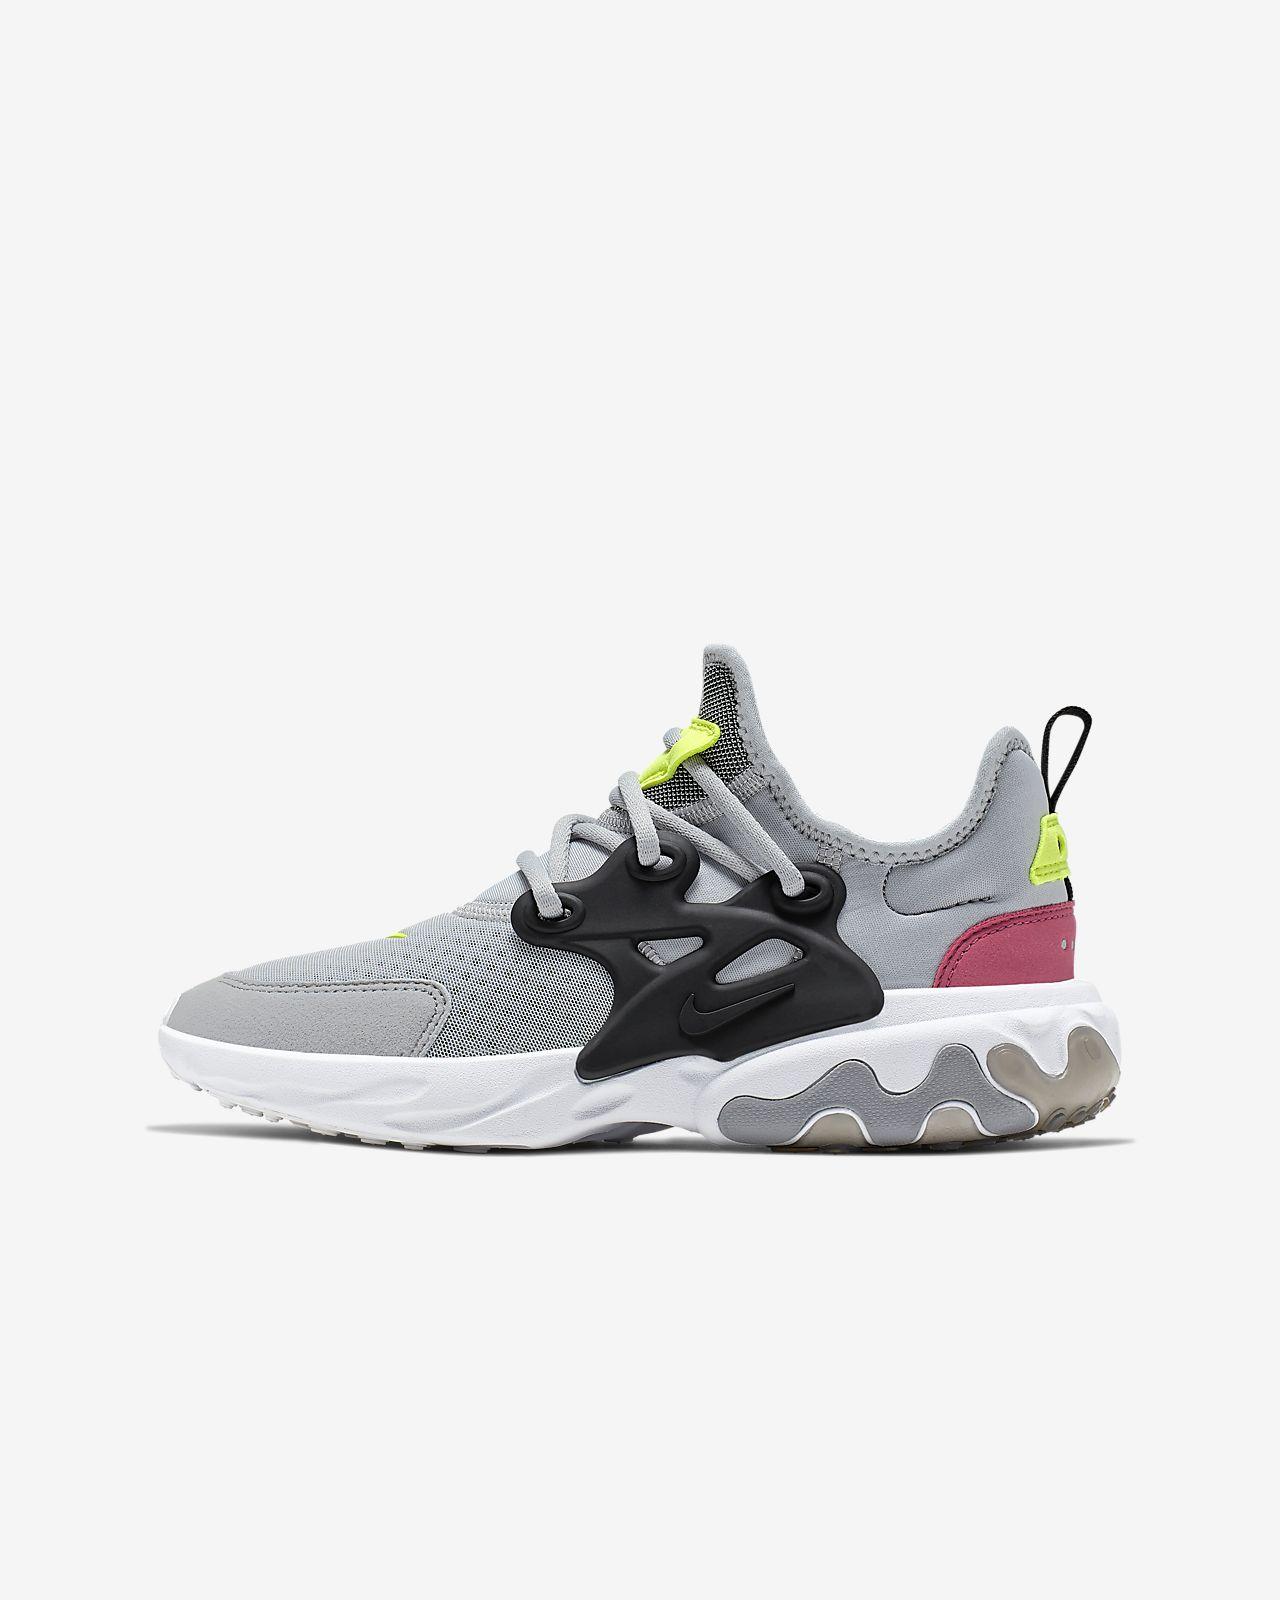 Âgé Chaussure Enfant Plus Nike Pour React Presto n08XwkOP